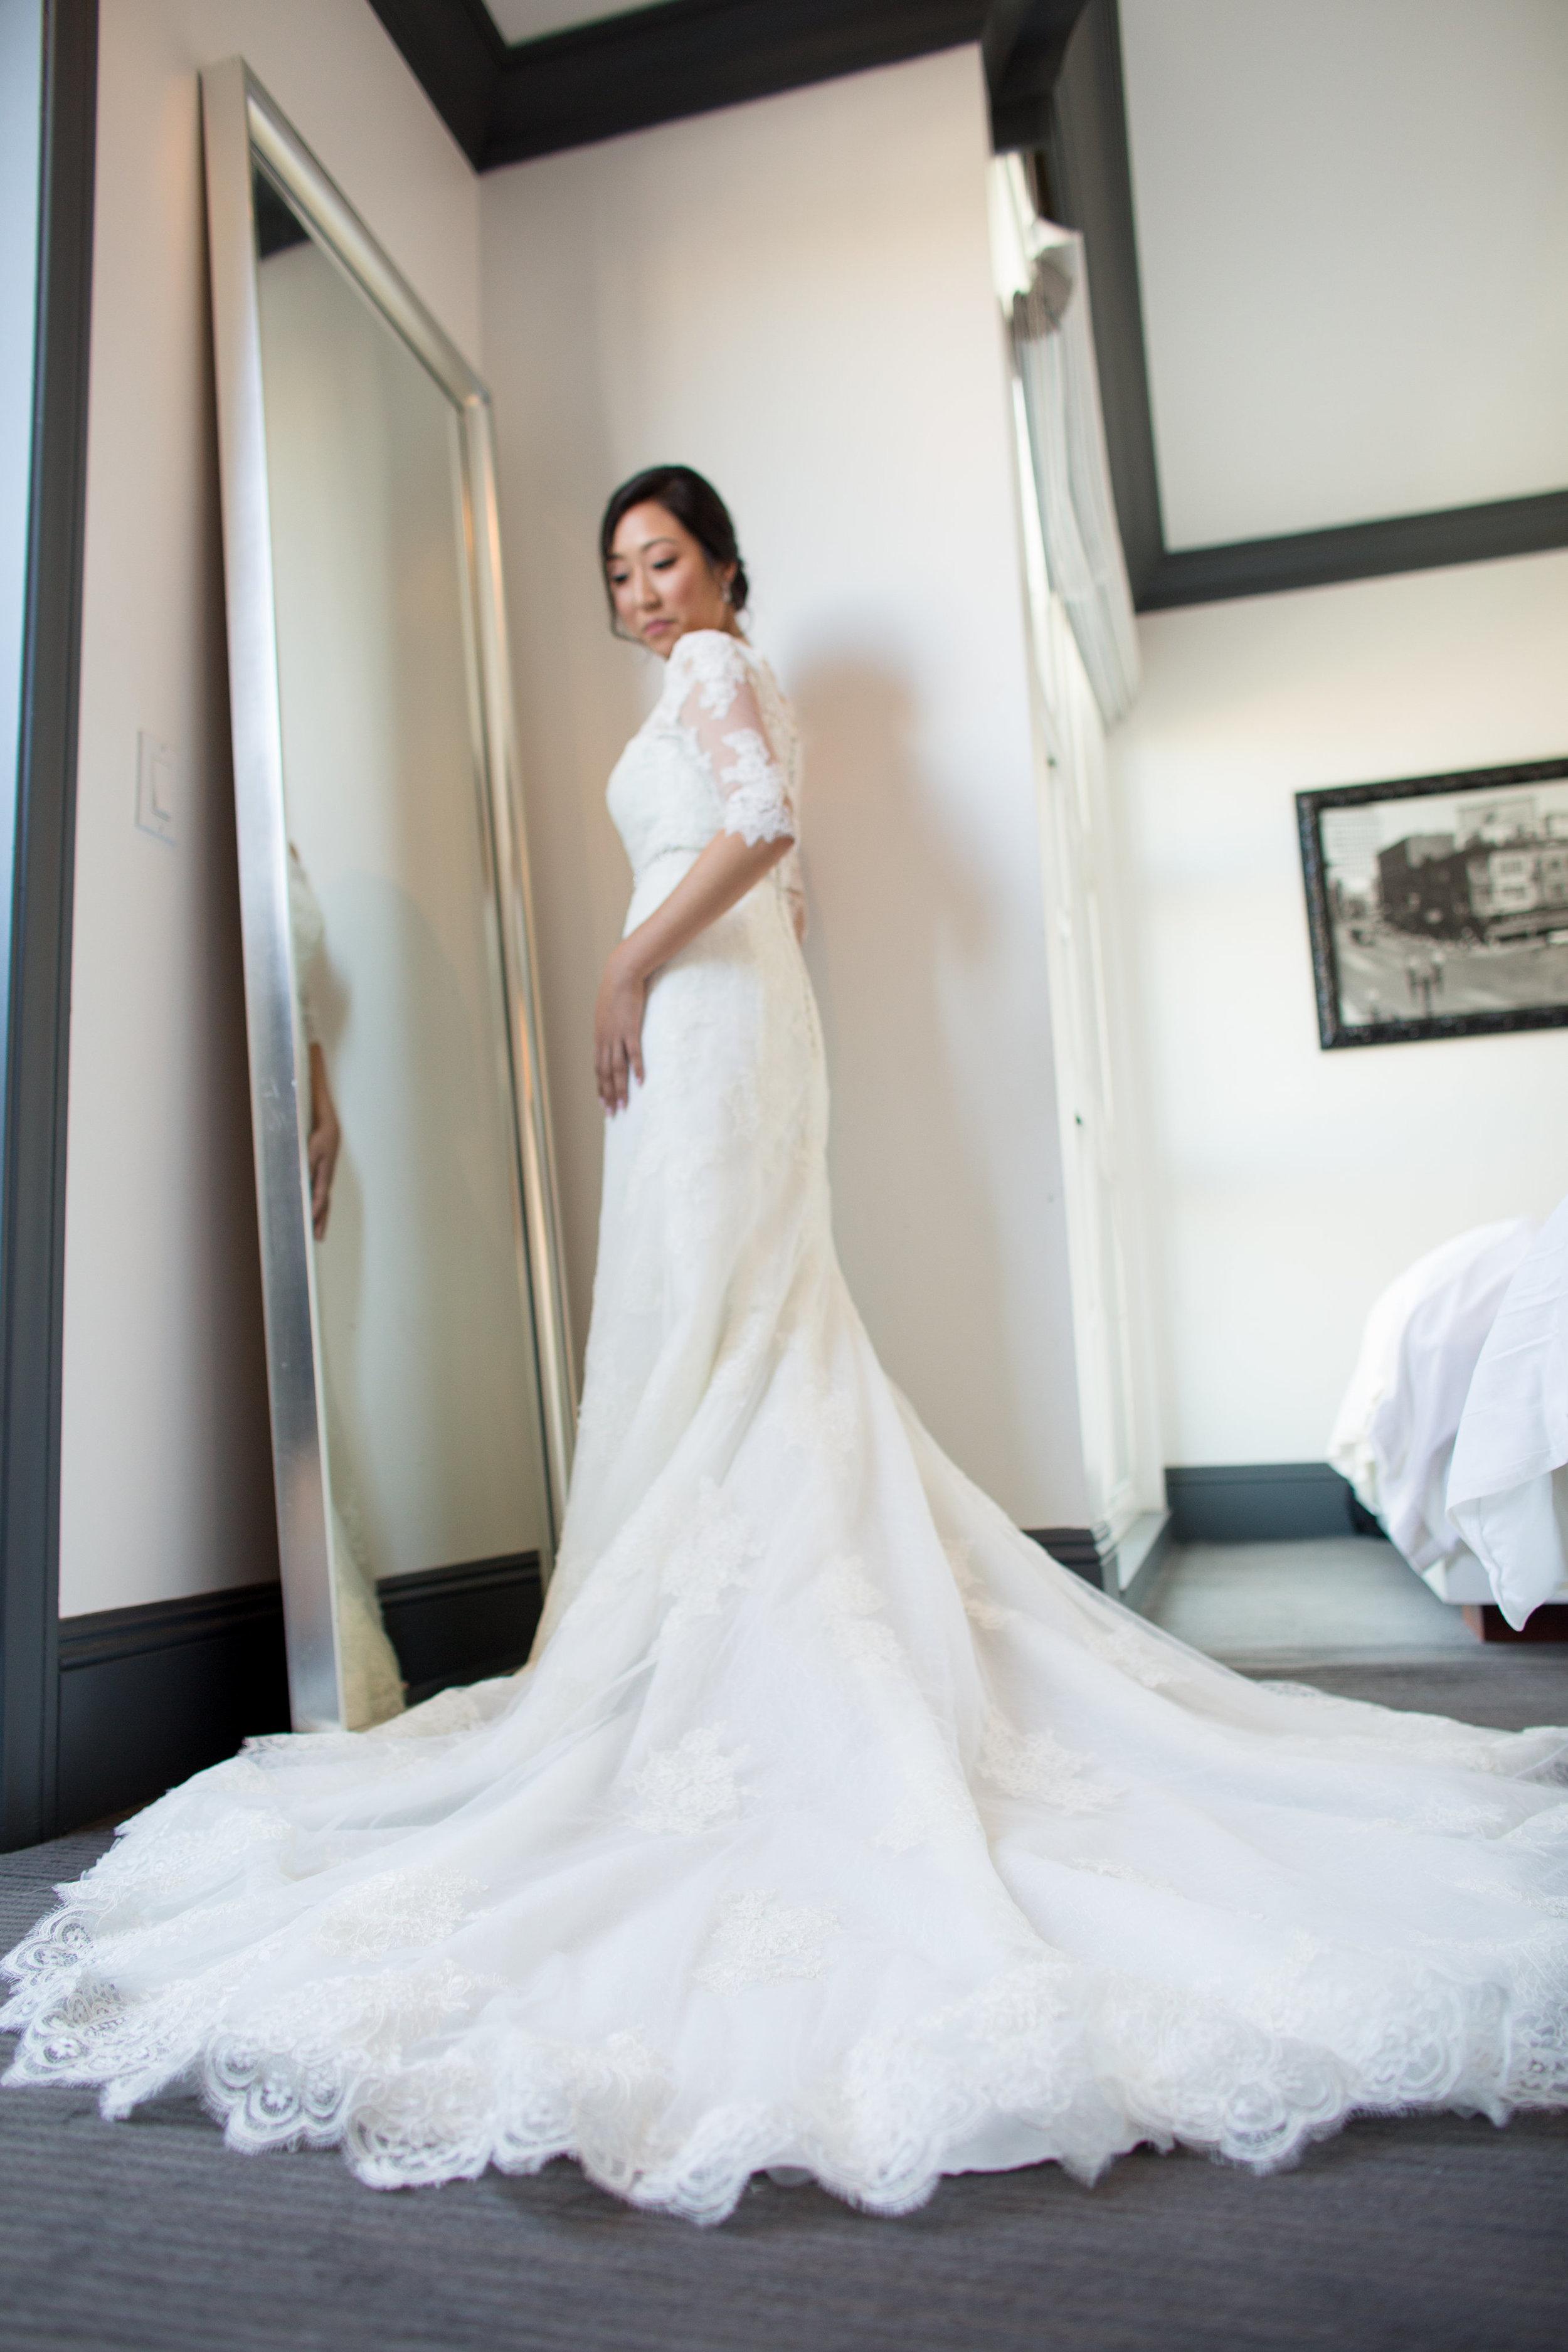 Angie's Wedding Dress